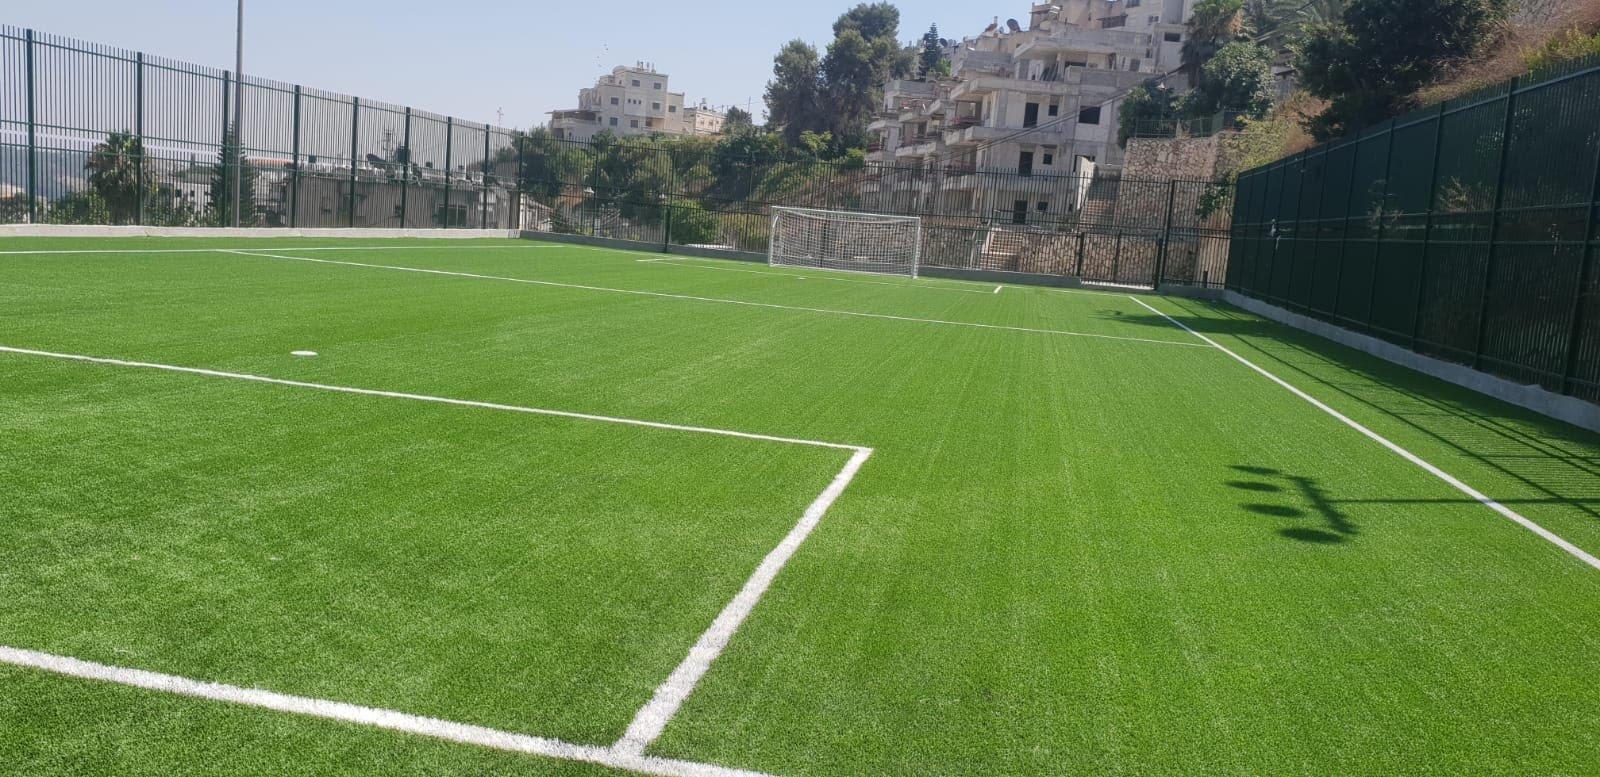 الناصرة: اقامة ملعب جديد من العشب الصناعي خلف مدرسة مسار